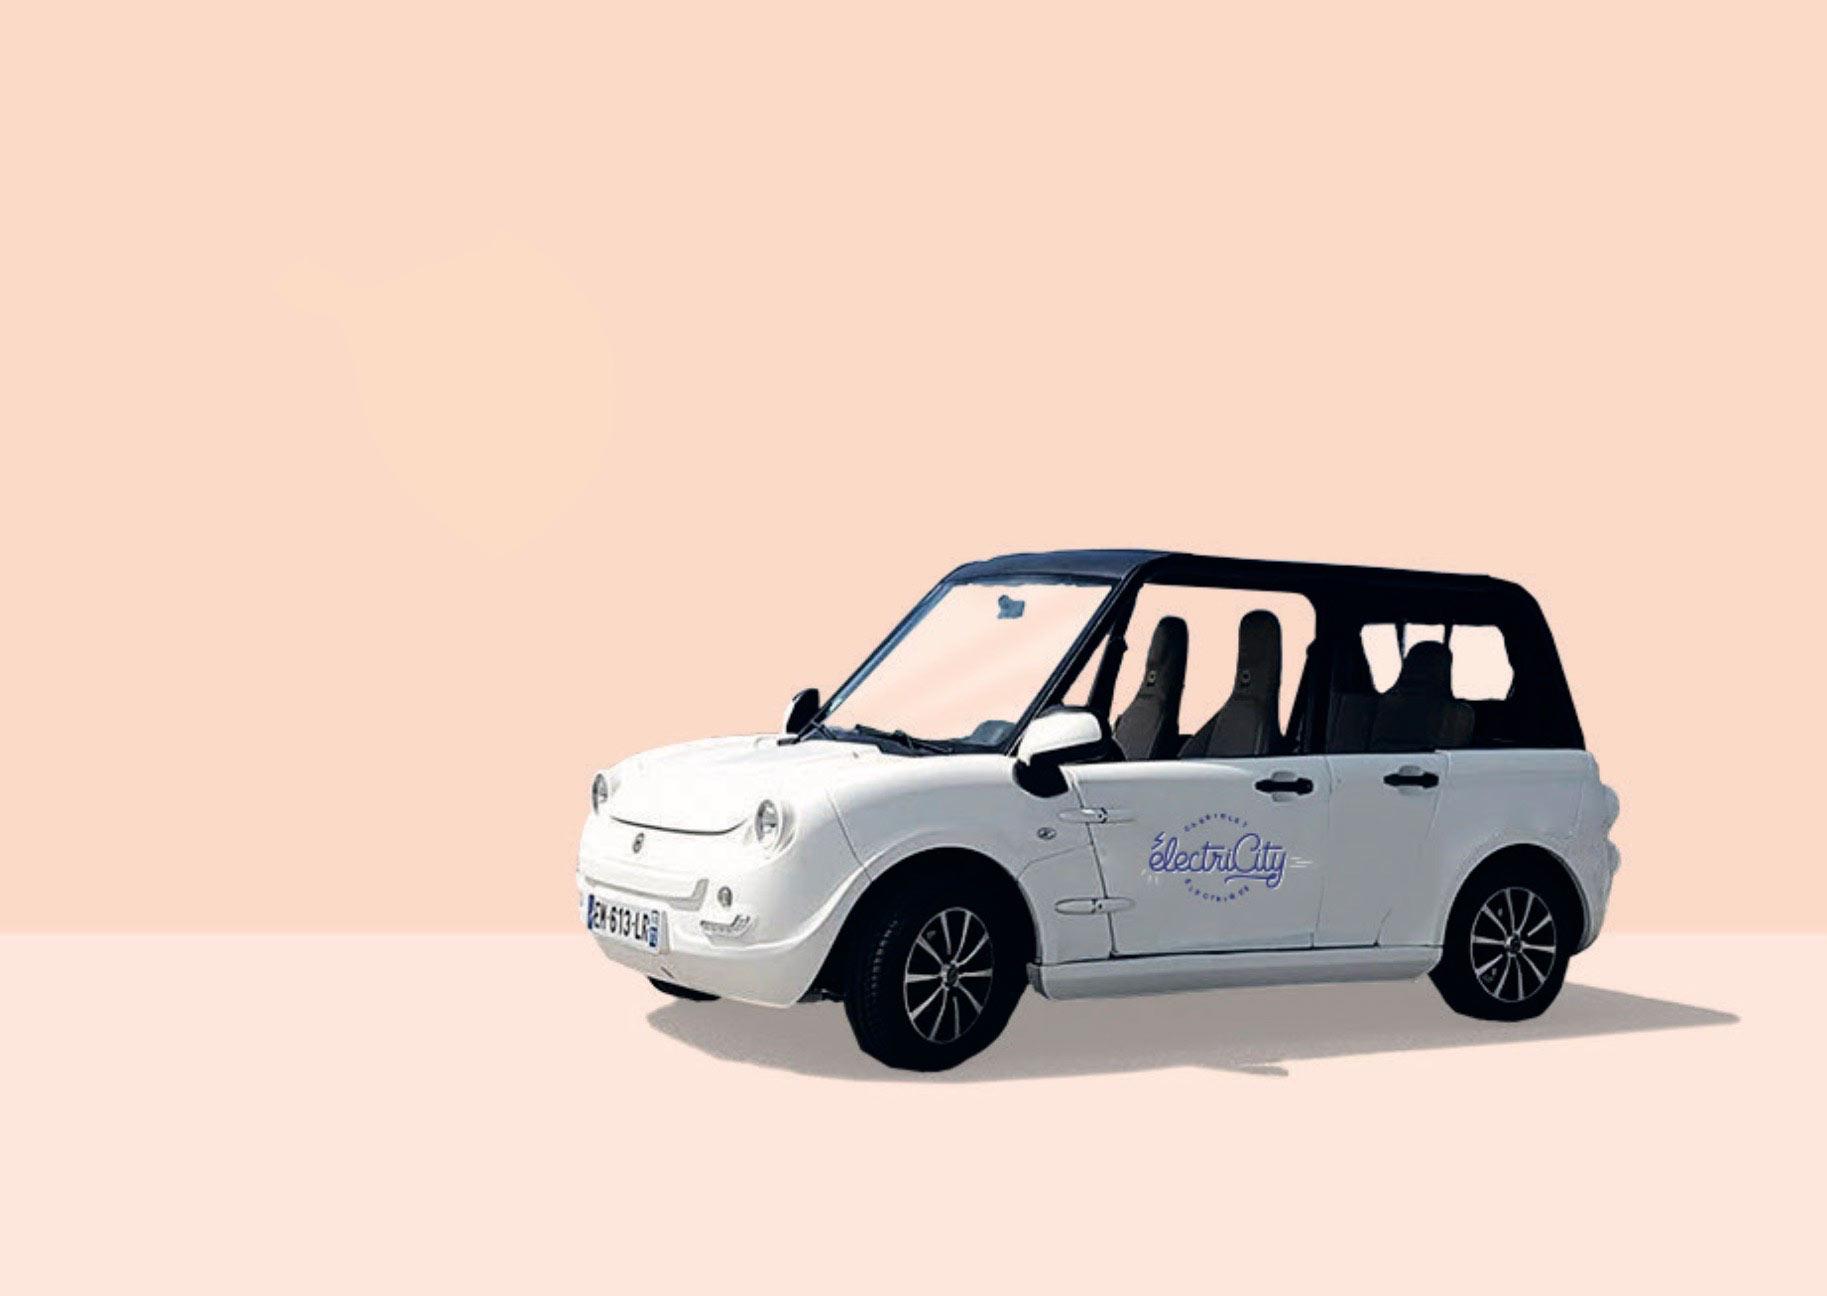 Electricity voiture électrique